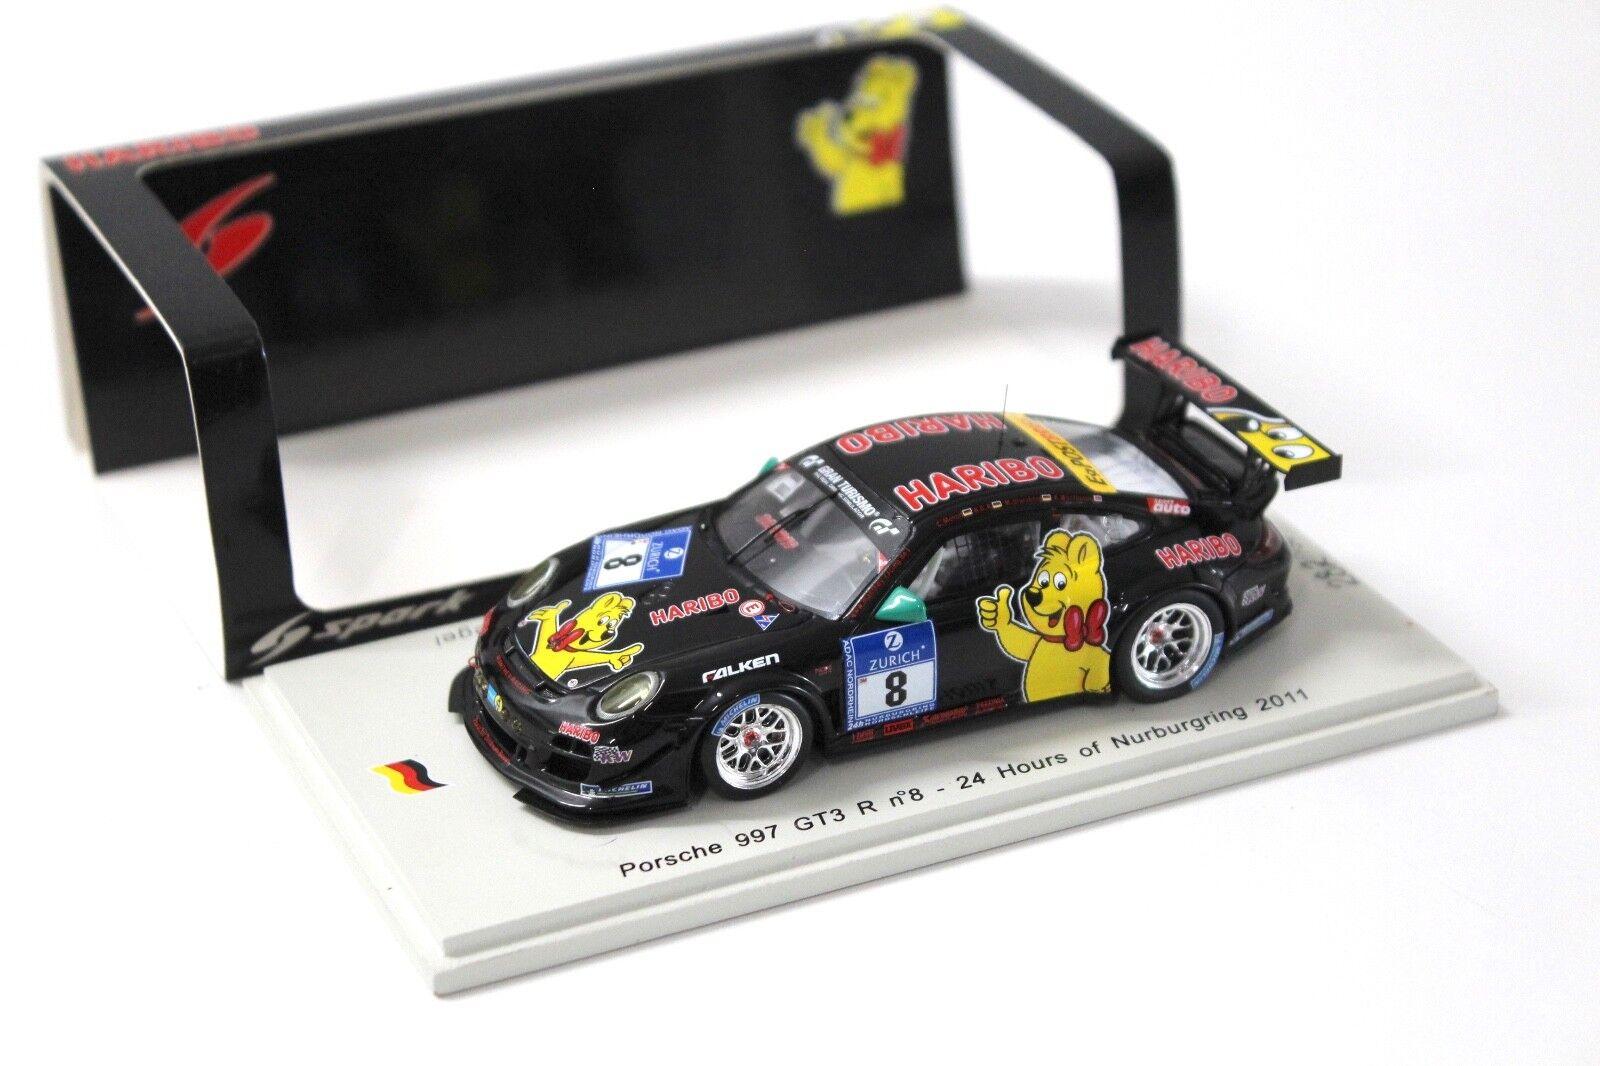 1 43 Spark Porsche 911 gt3 R  24 H 2011 Haribo  8 nouveau chez Premium-modelvoitures  magasin en ligne